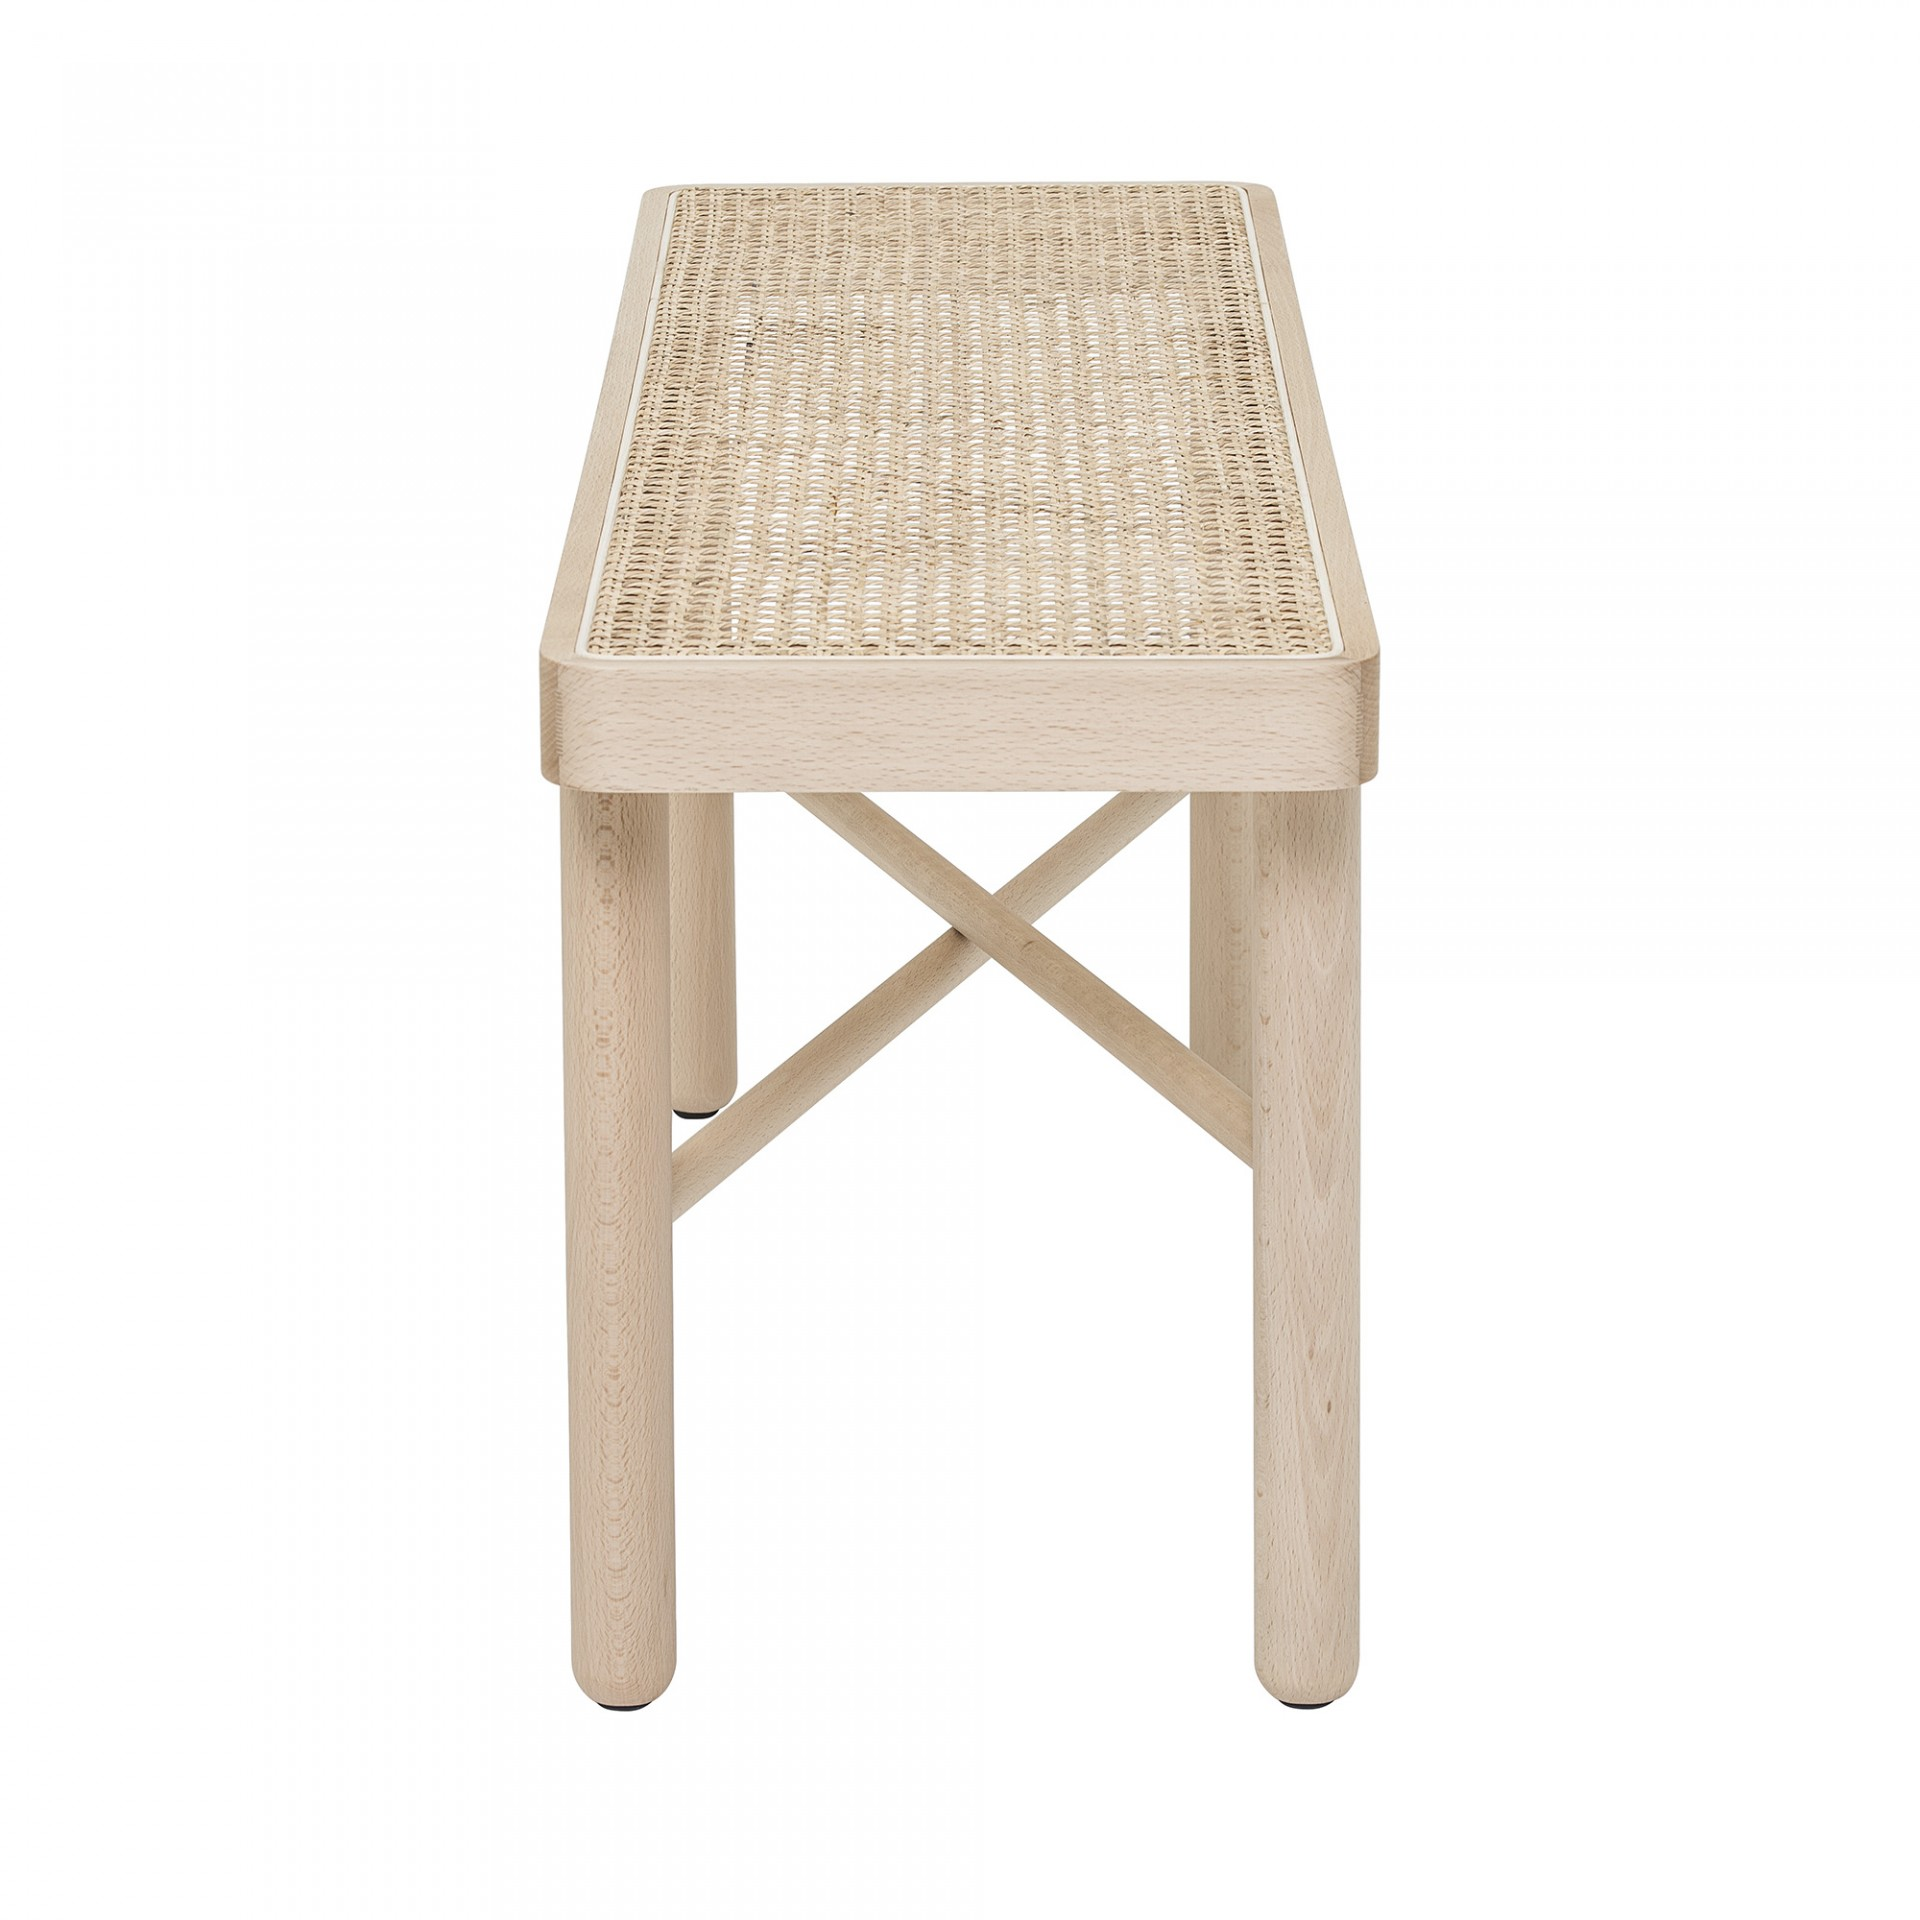 Mesa de apoio Luna, madeira faia/vime natural, 100x30x43